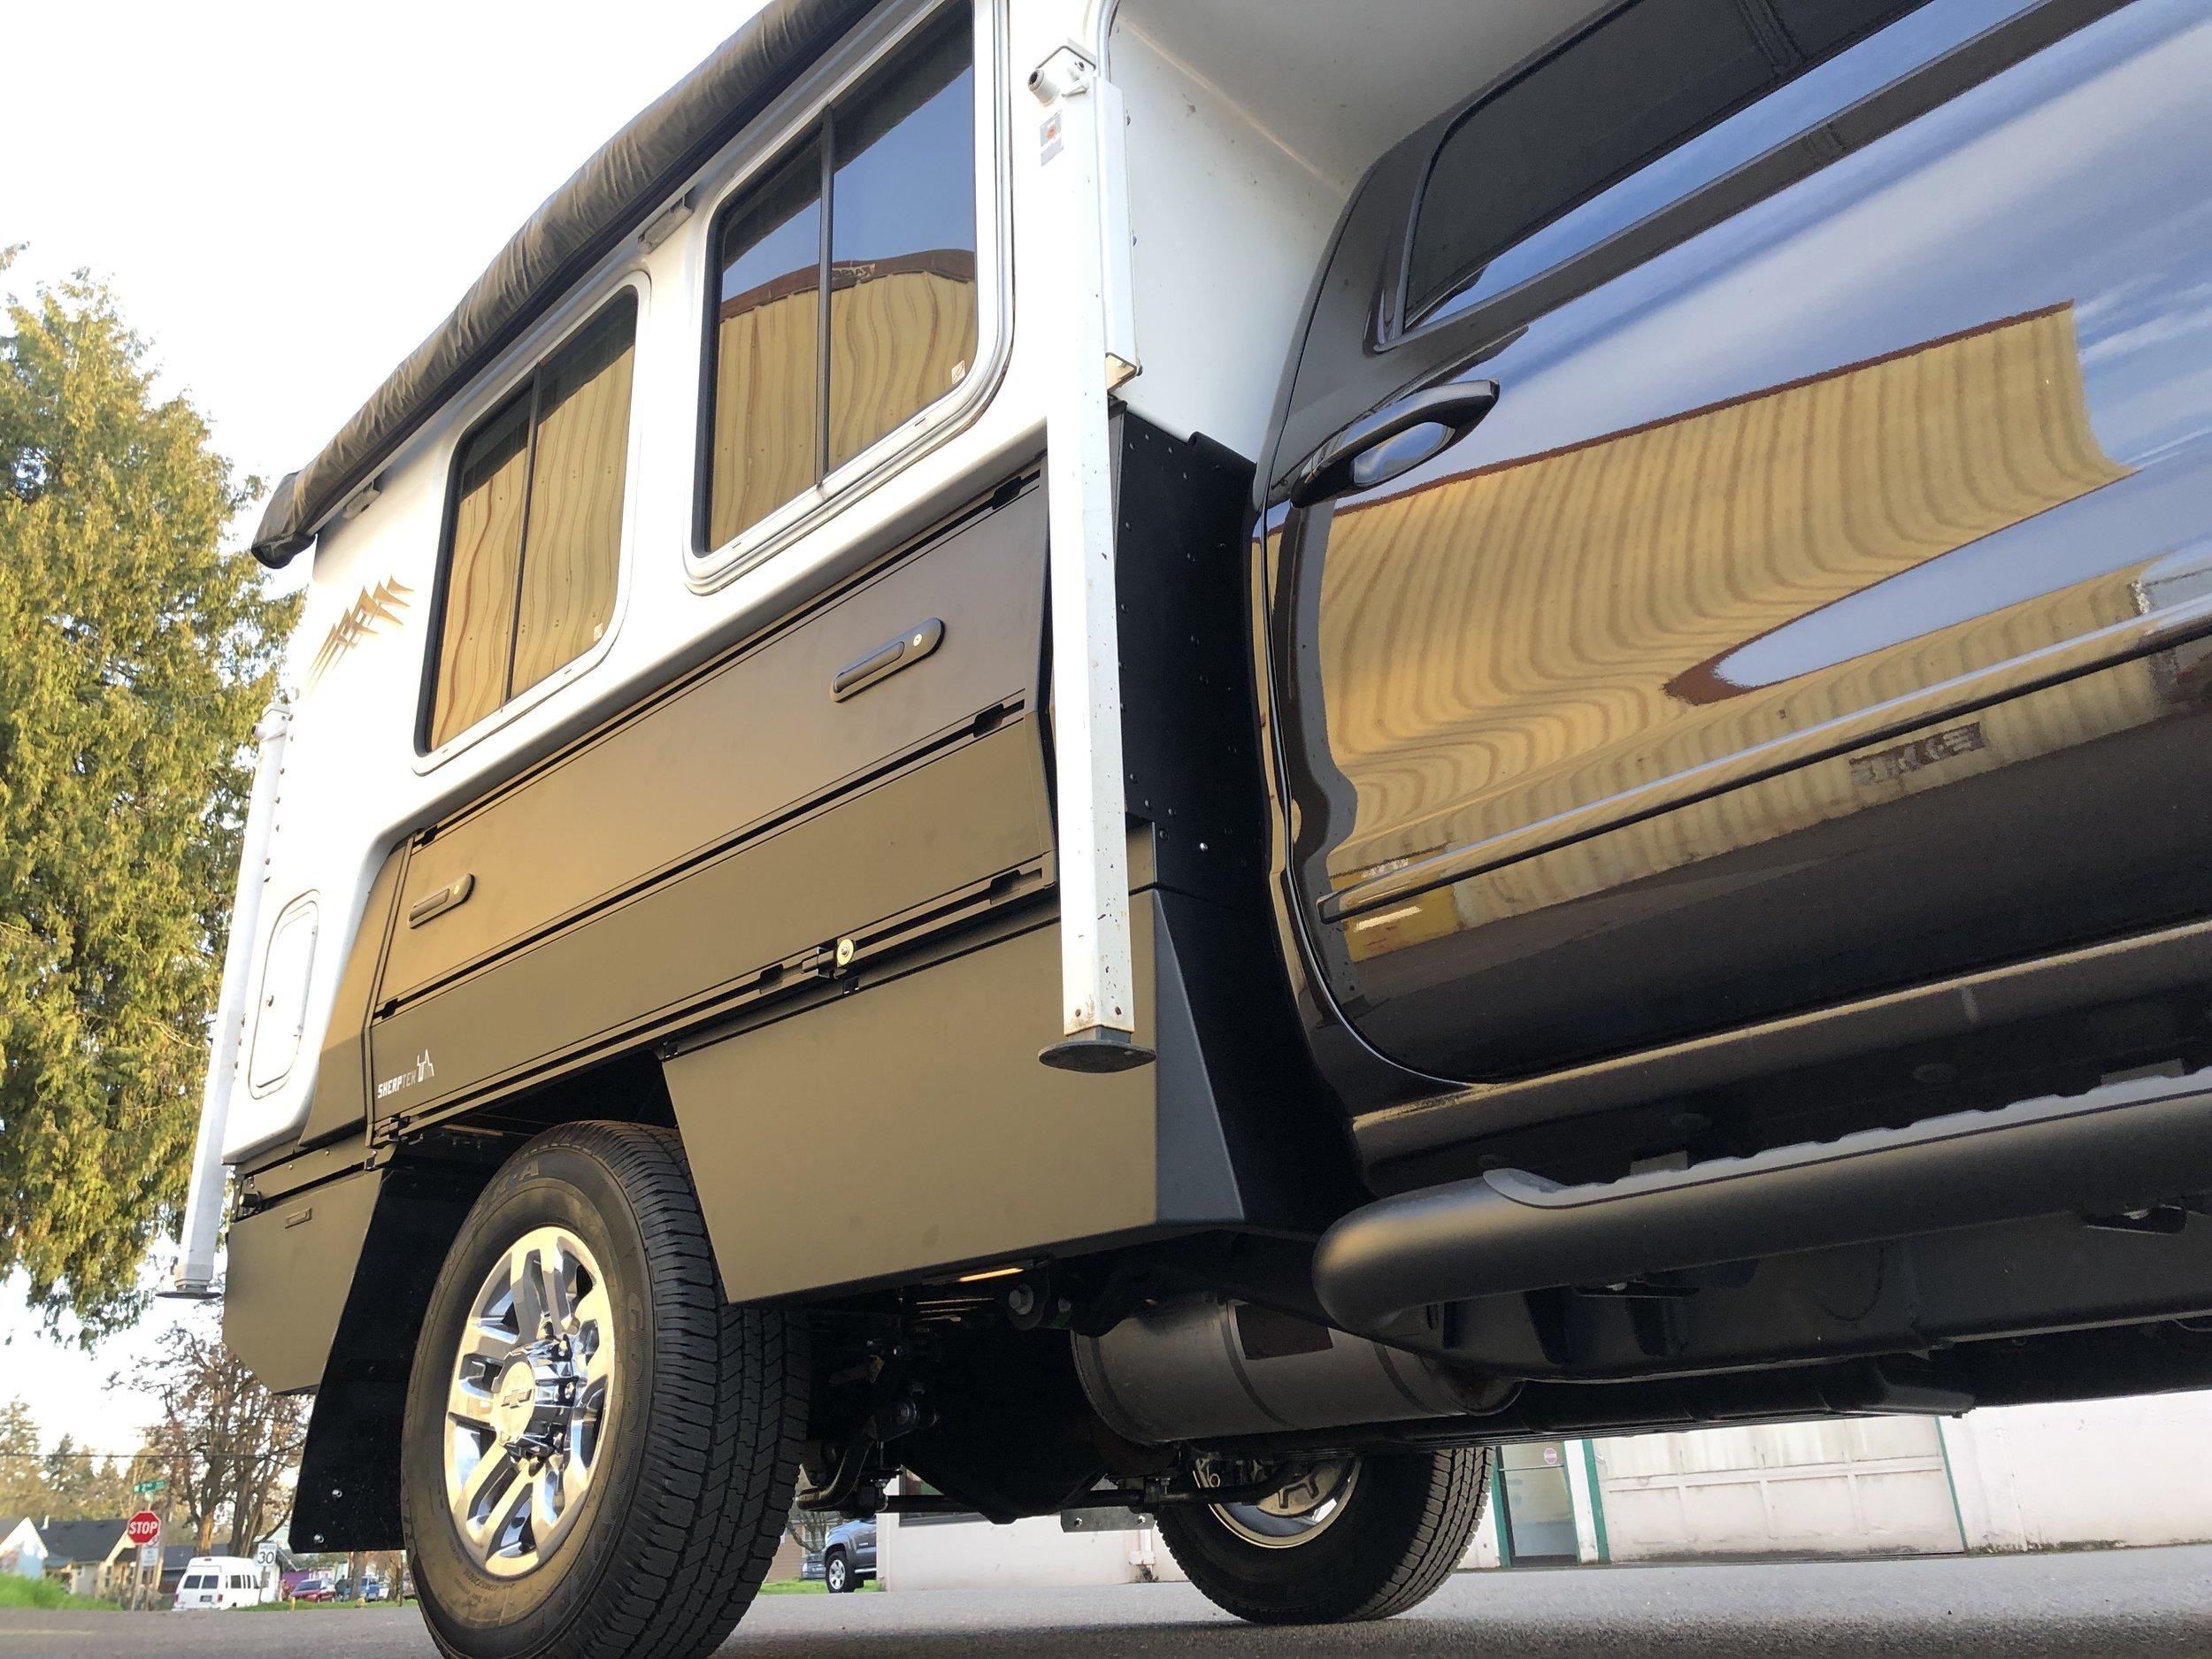 Flatbed system for popup camper